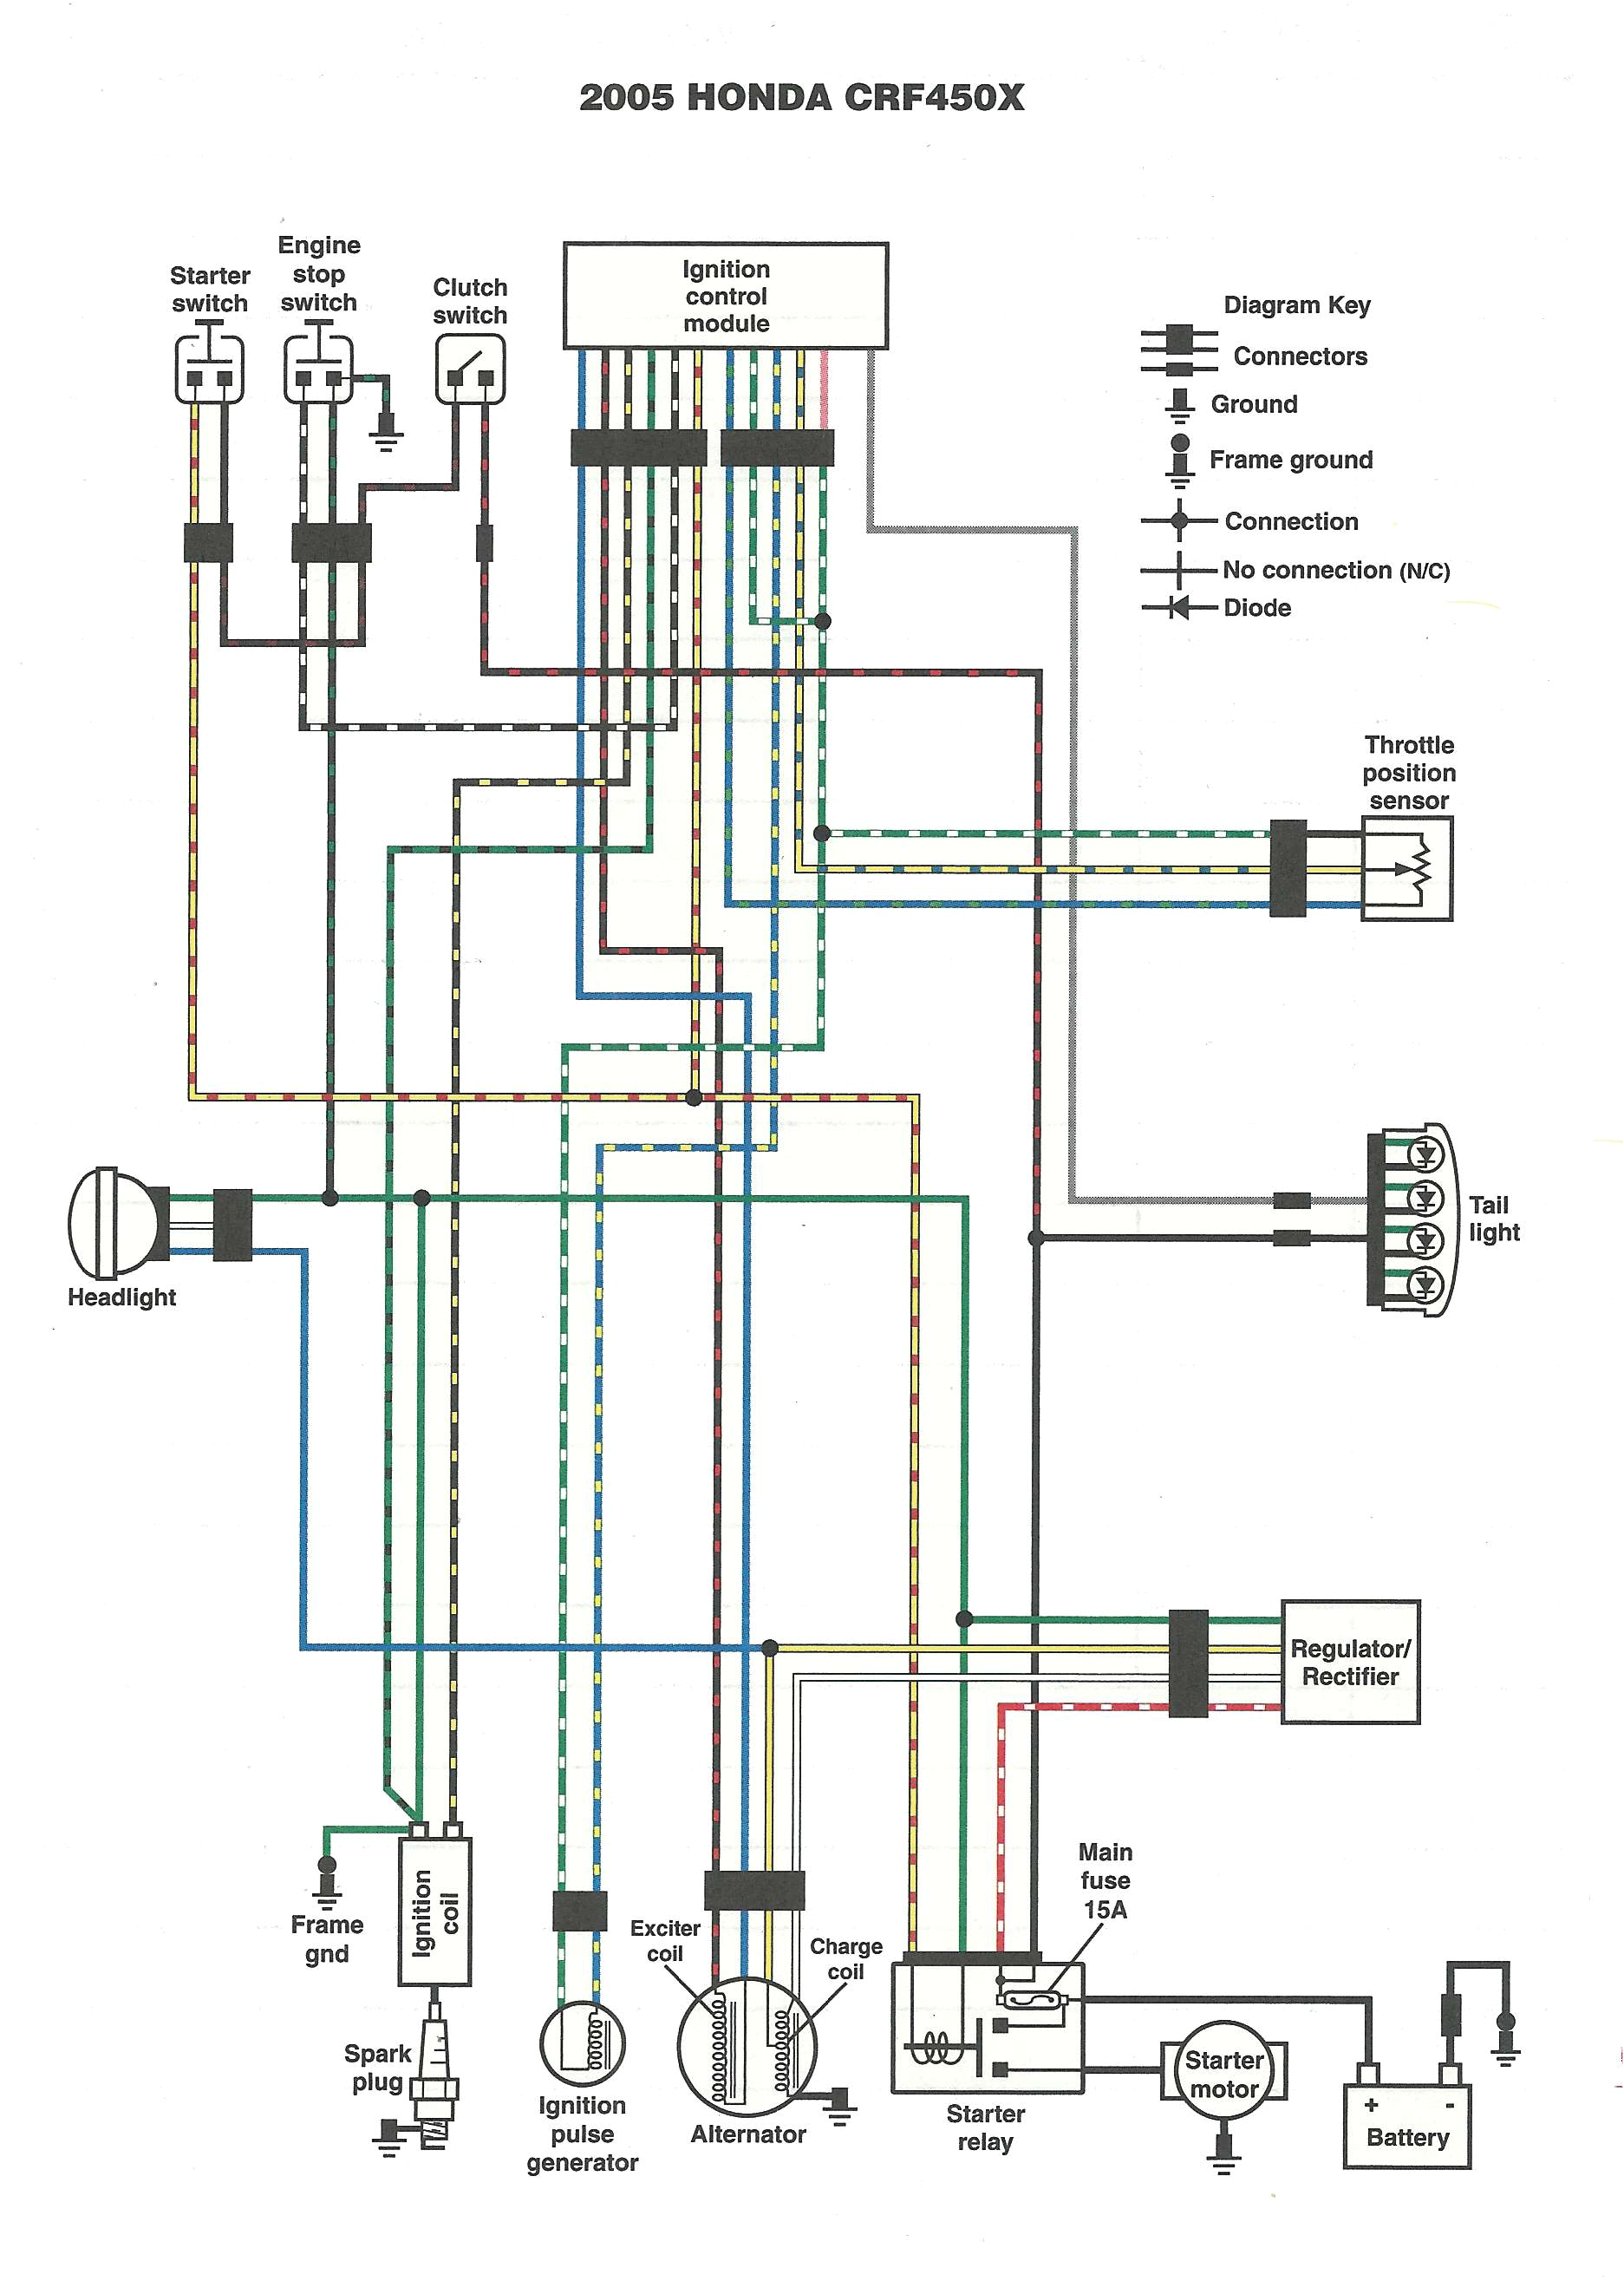 wiring cfr450 wiring jpg